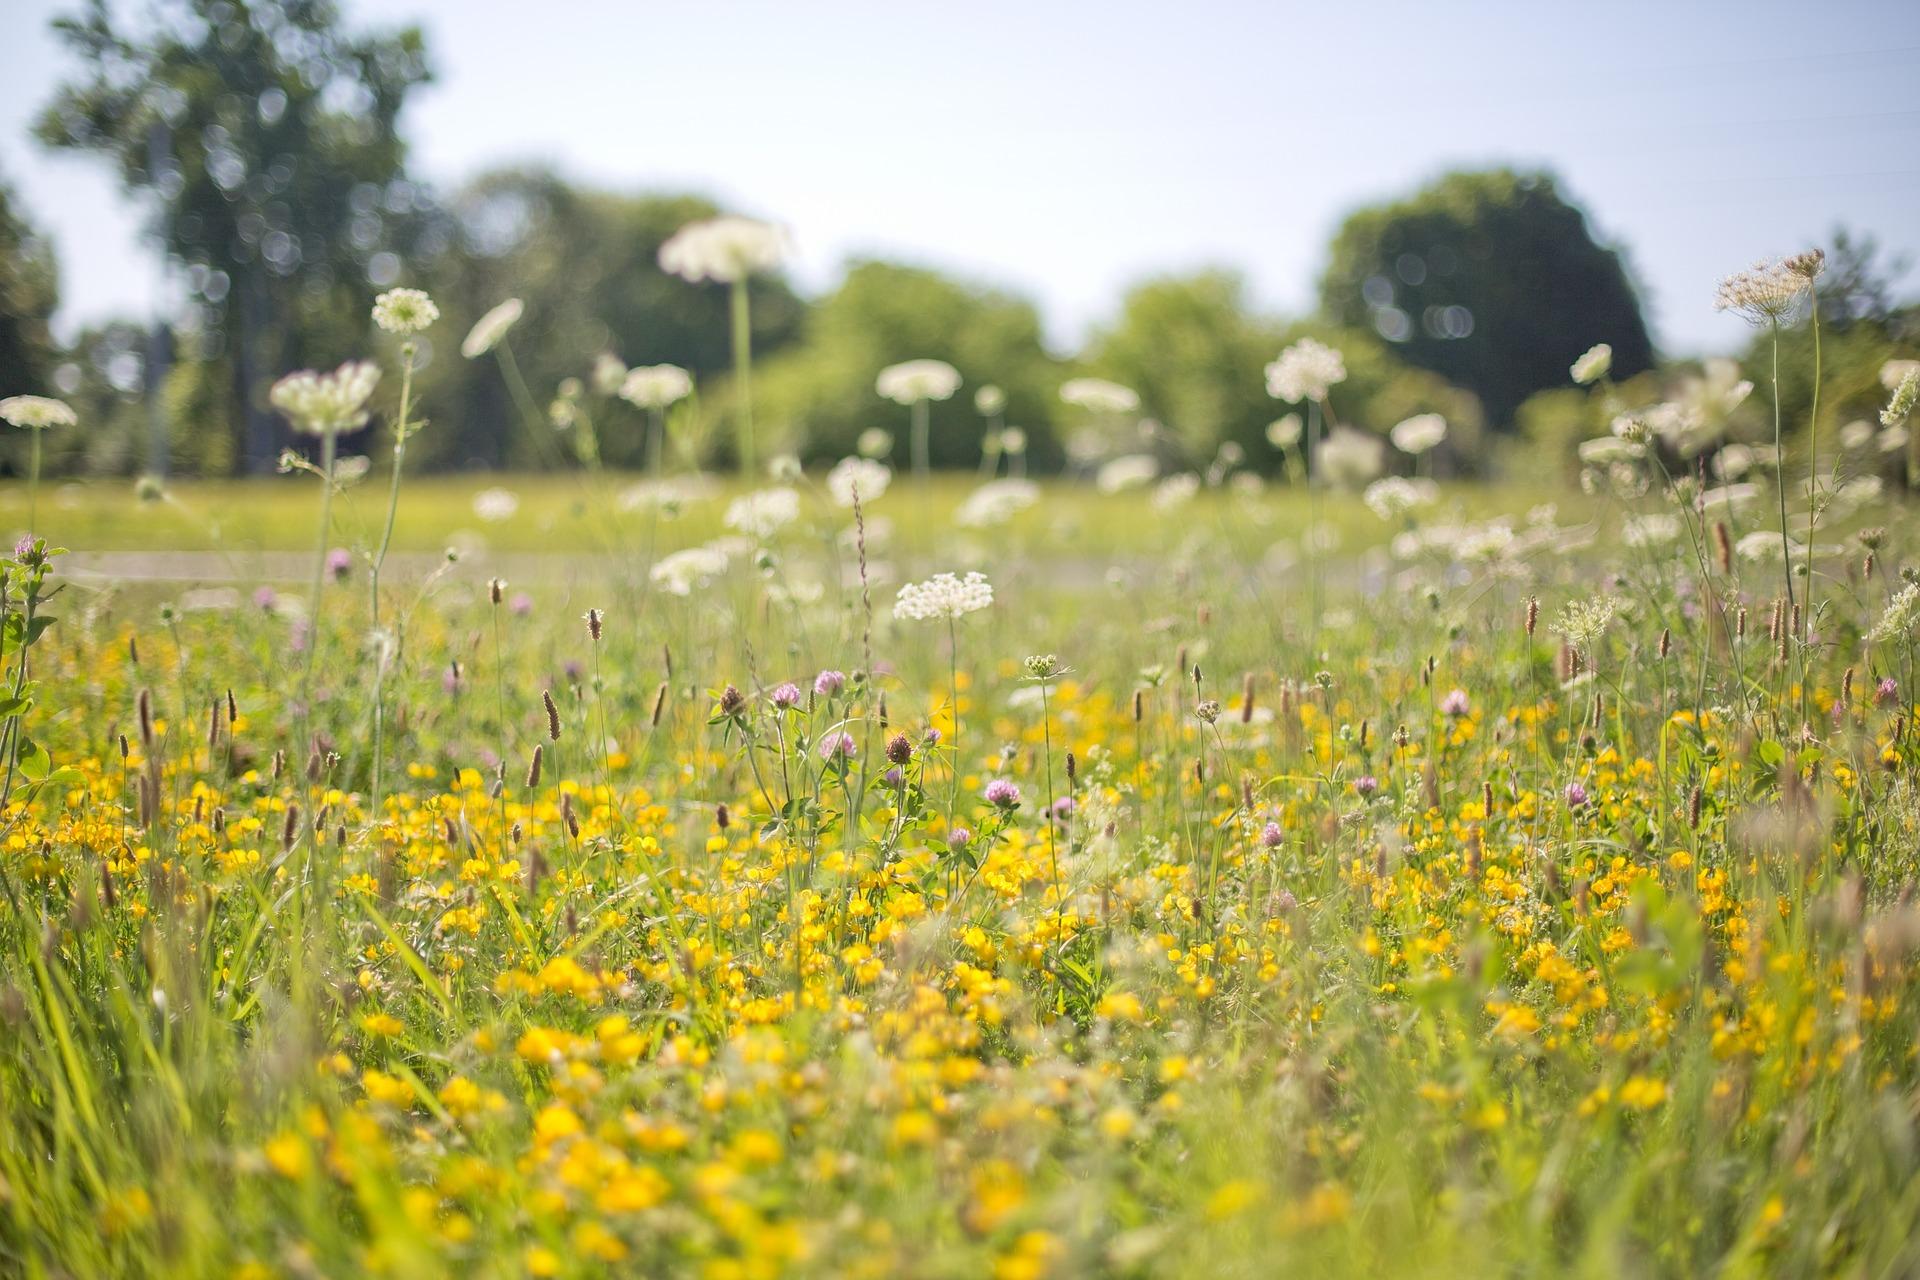 Wild Flowers, Nature, Wild, Garden, Fragrance, HQ Photo